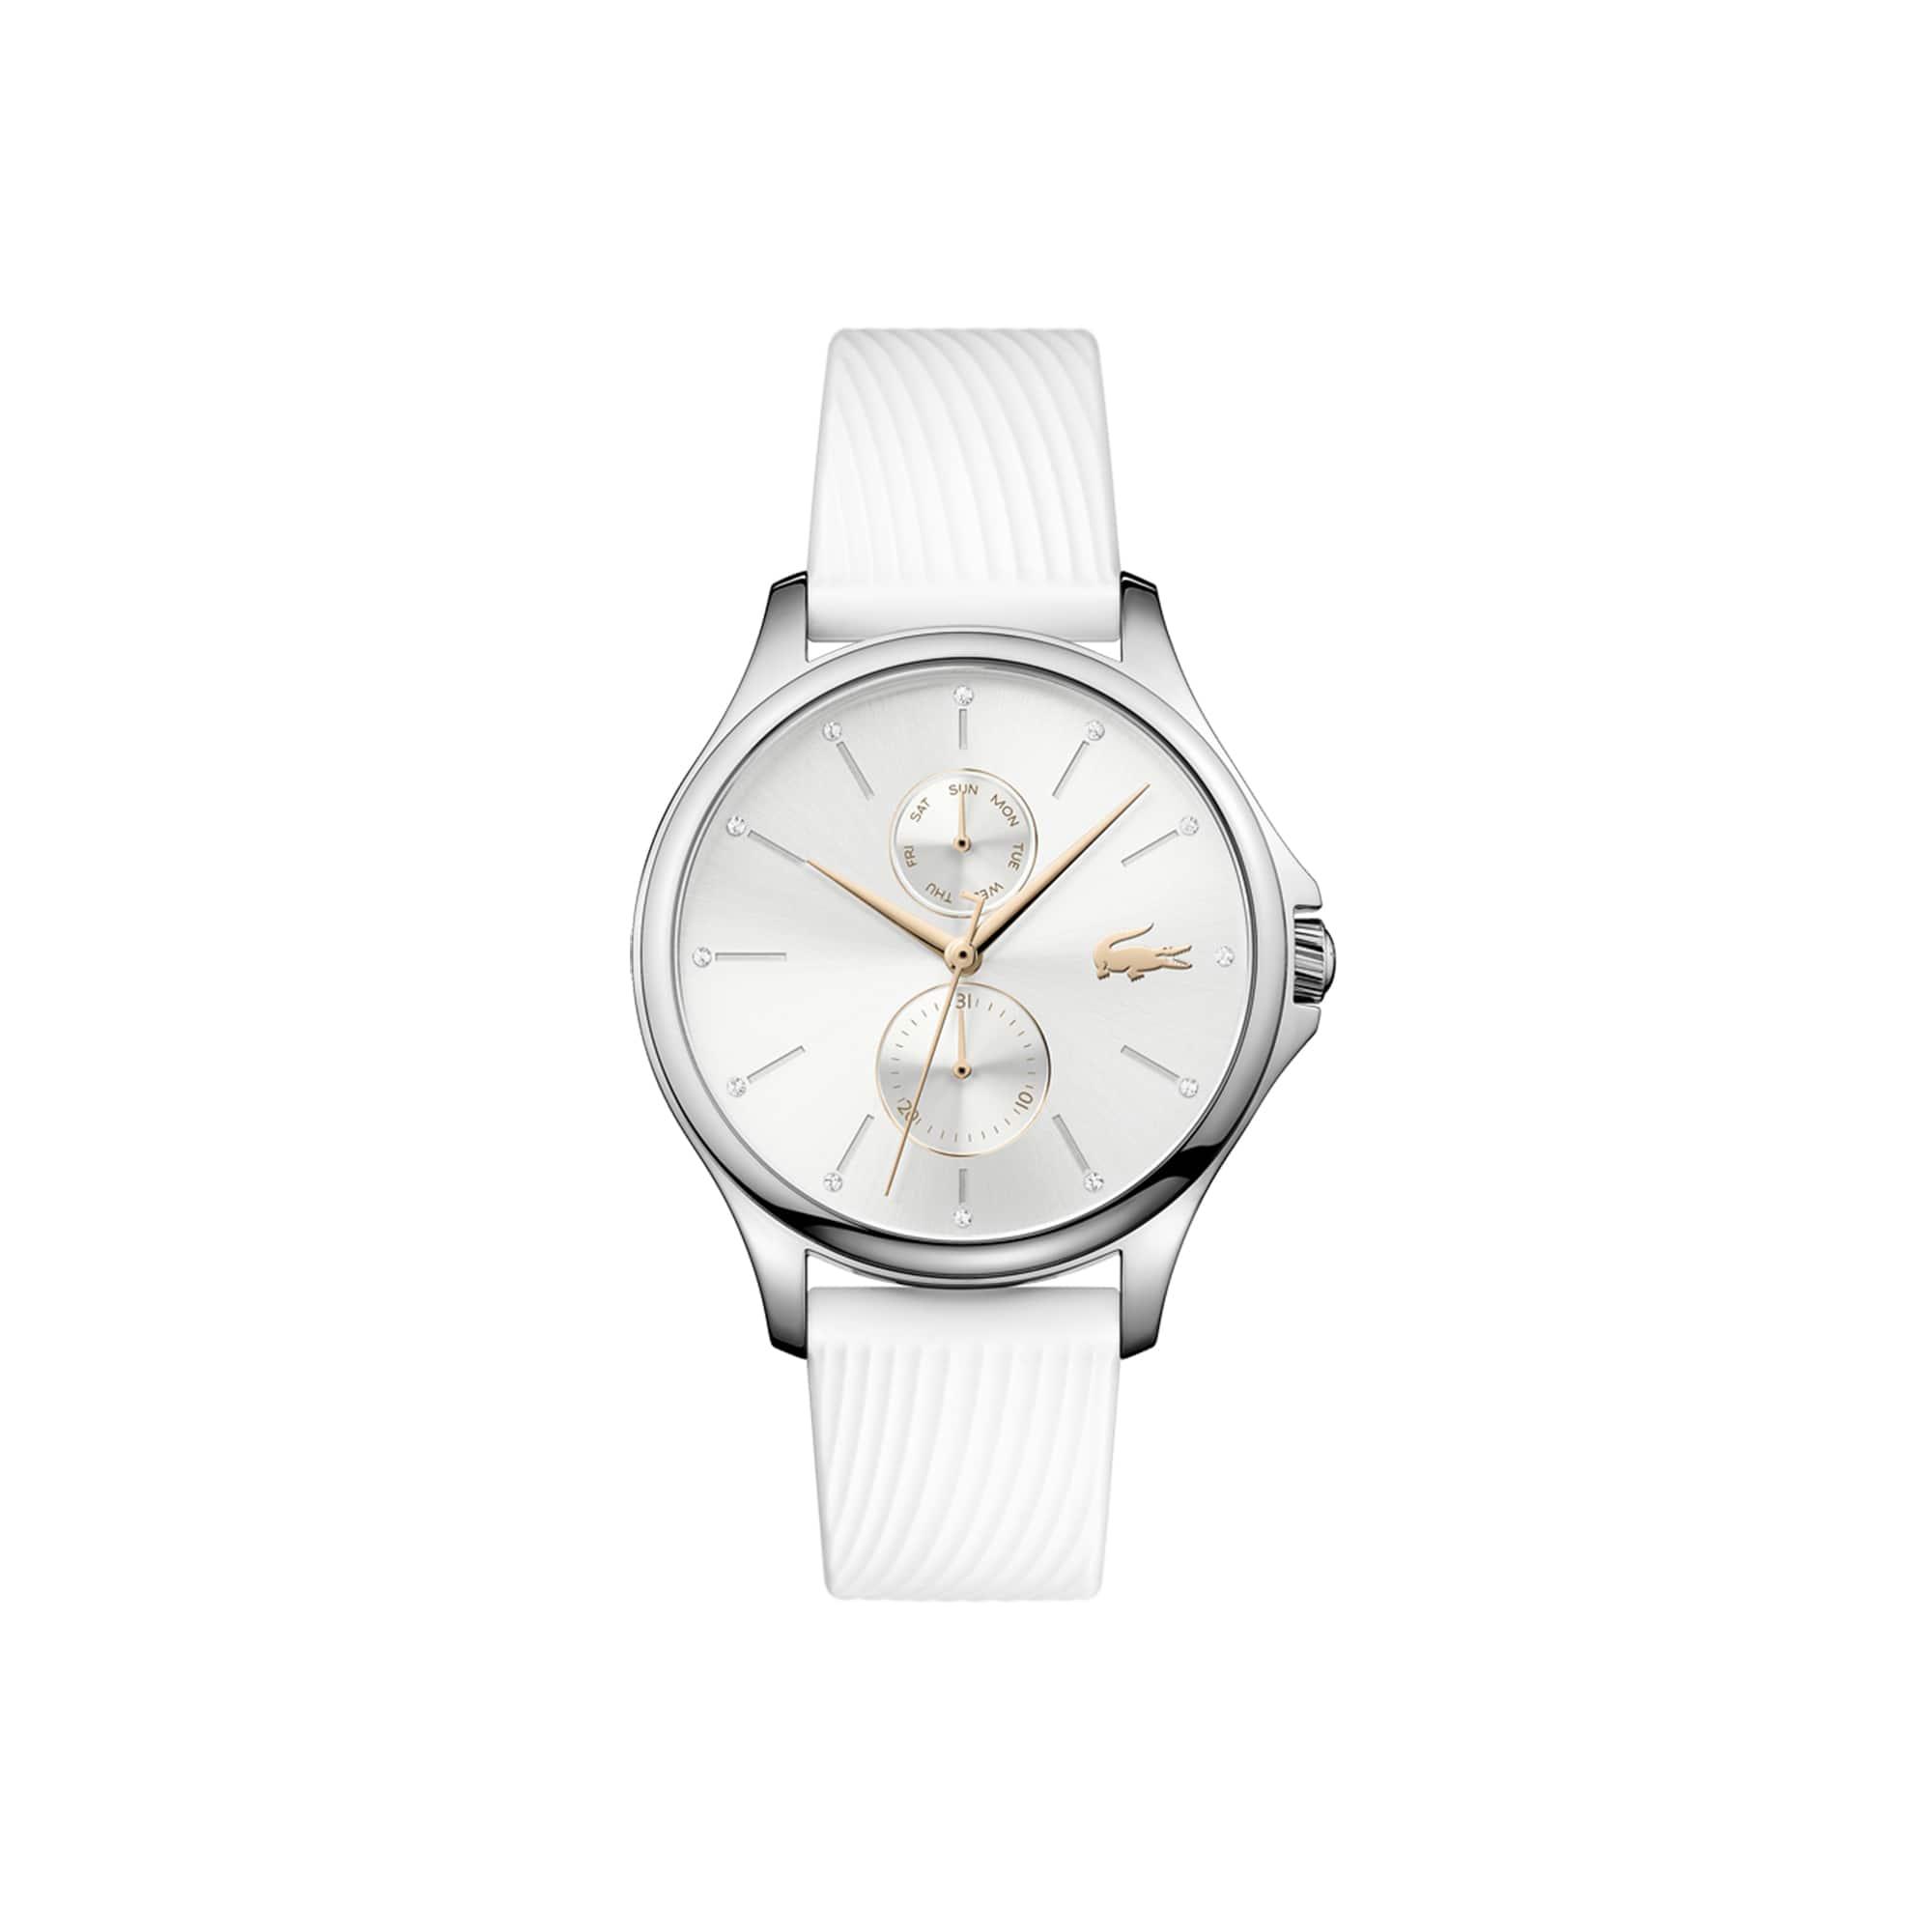 Reloj Kea multifunciones con pulsera de silicona blanca